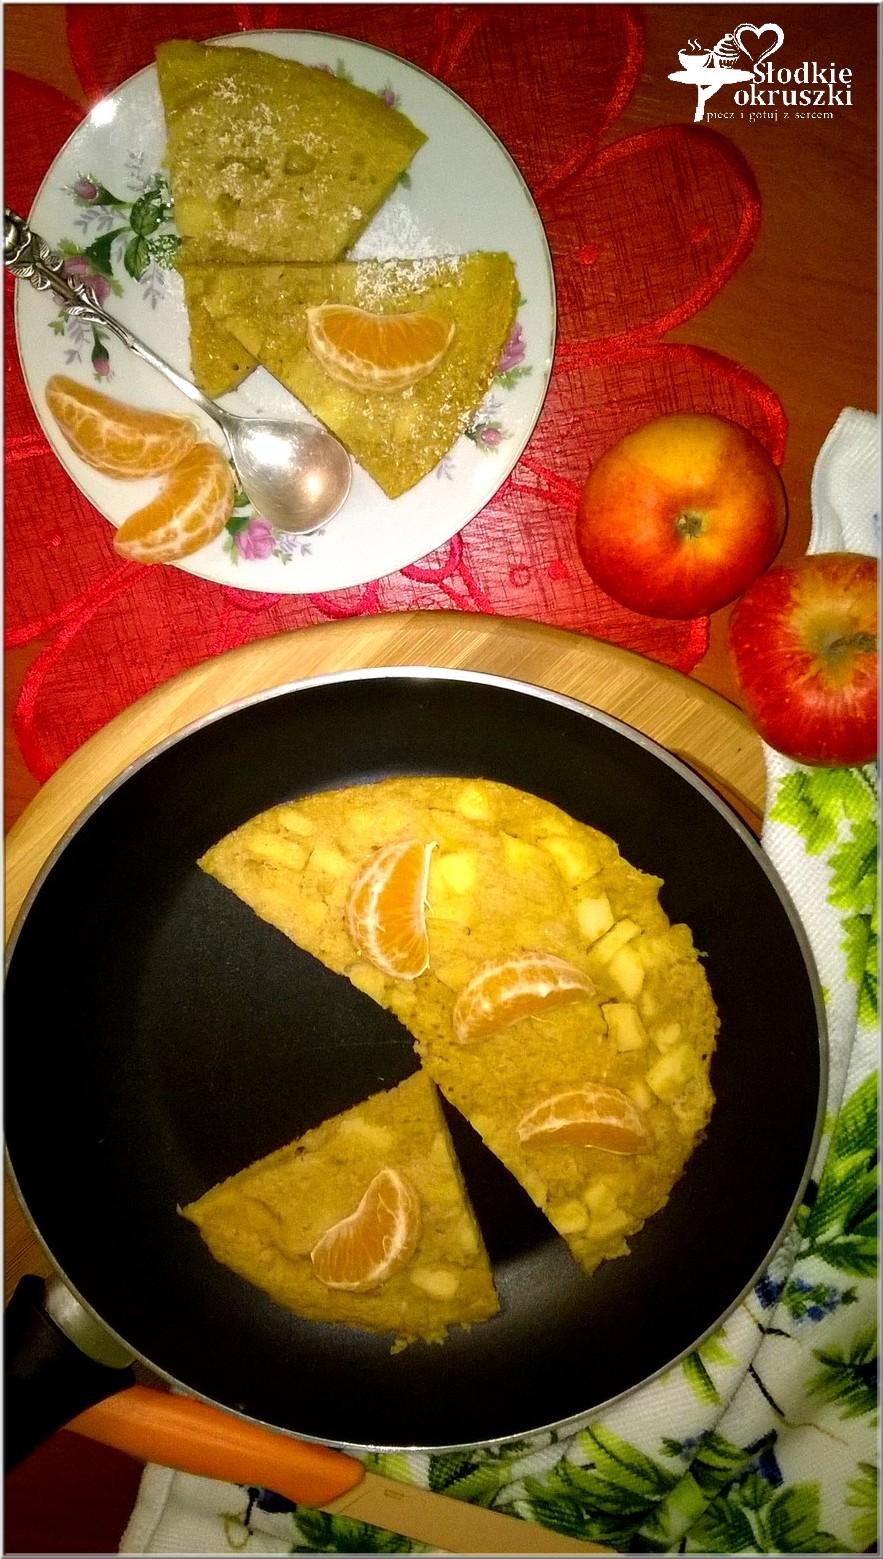 dyniowy-omlet-z-cynamonowym-jablkiem-na-mace-ryzowej-3